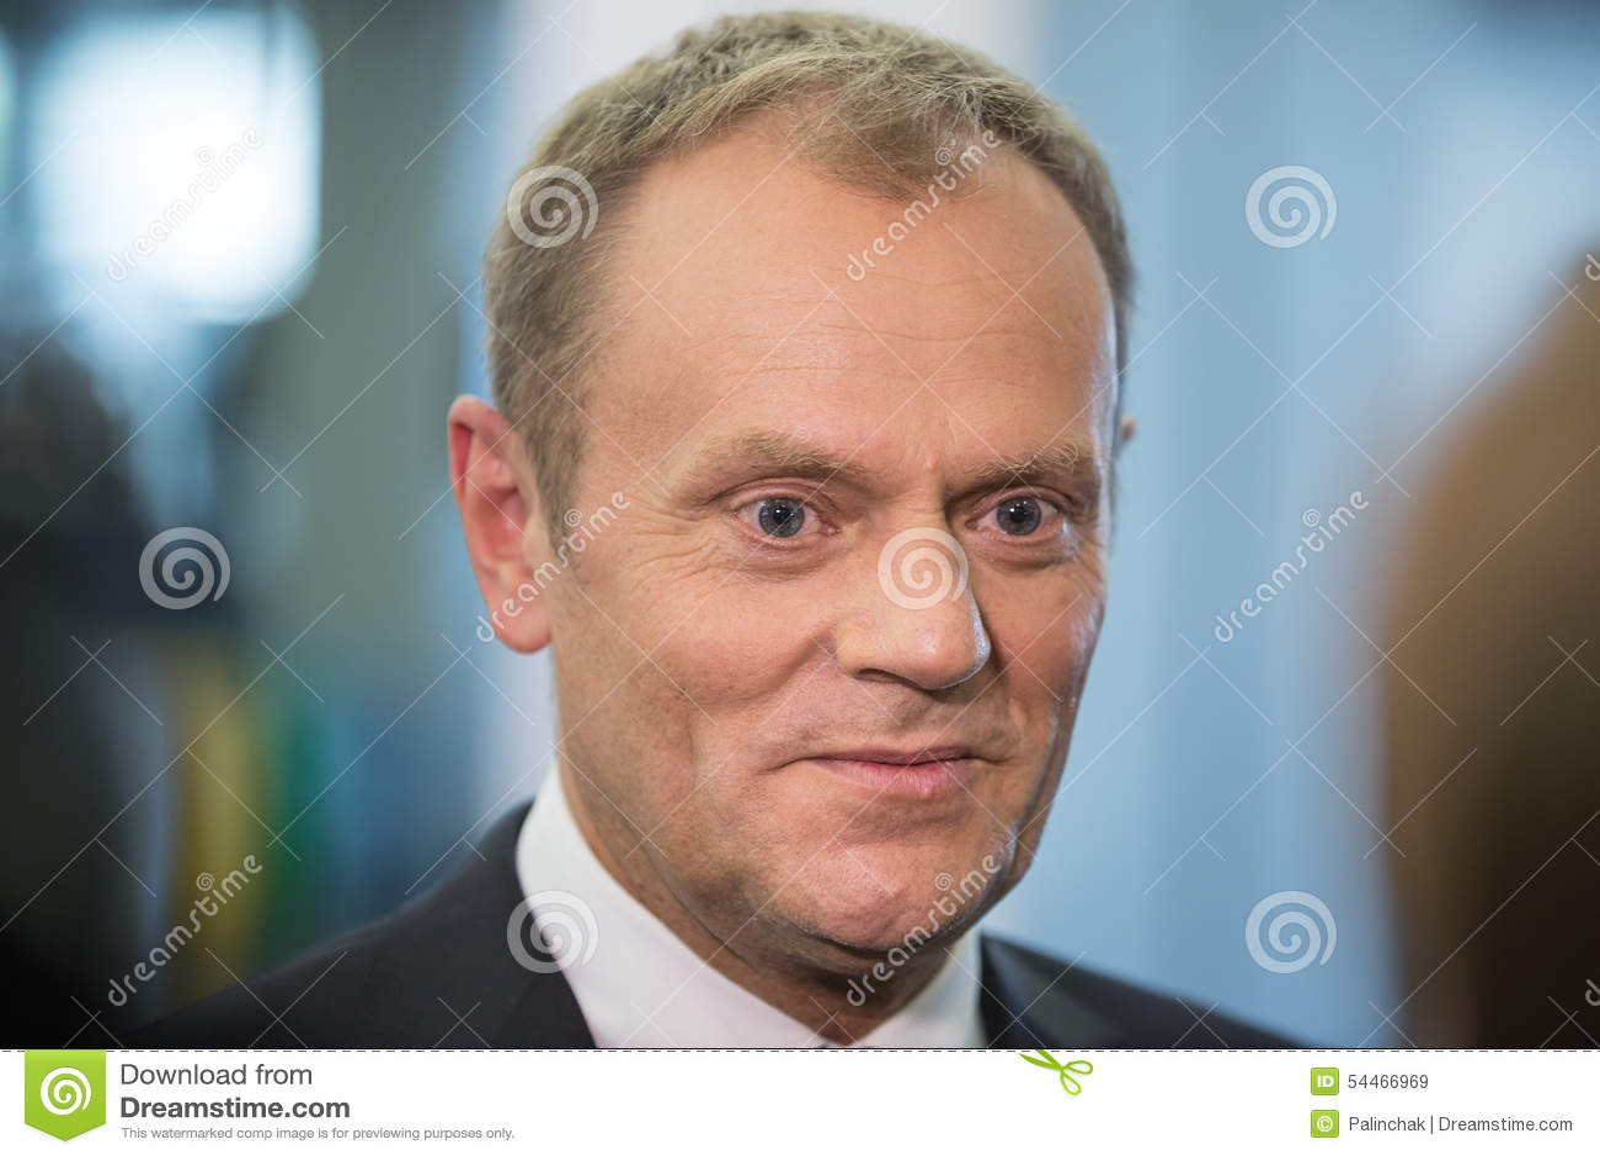 欧洲理事会唐纳德・图斯克的总统